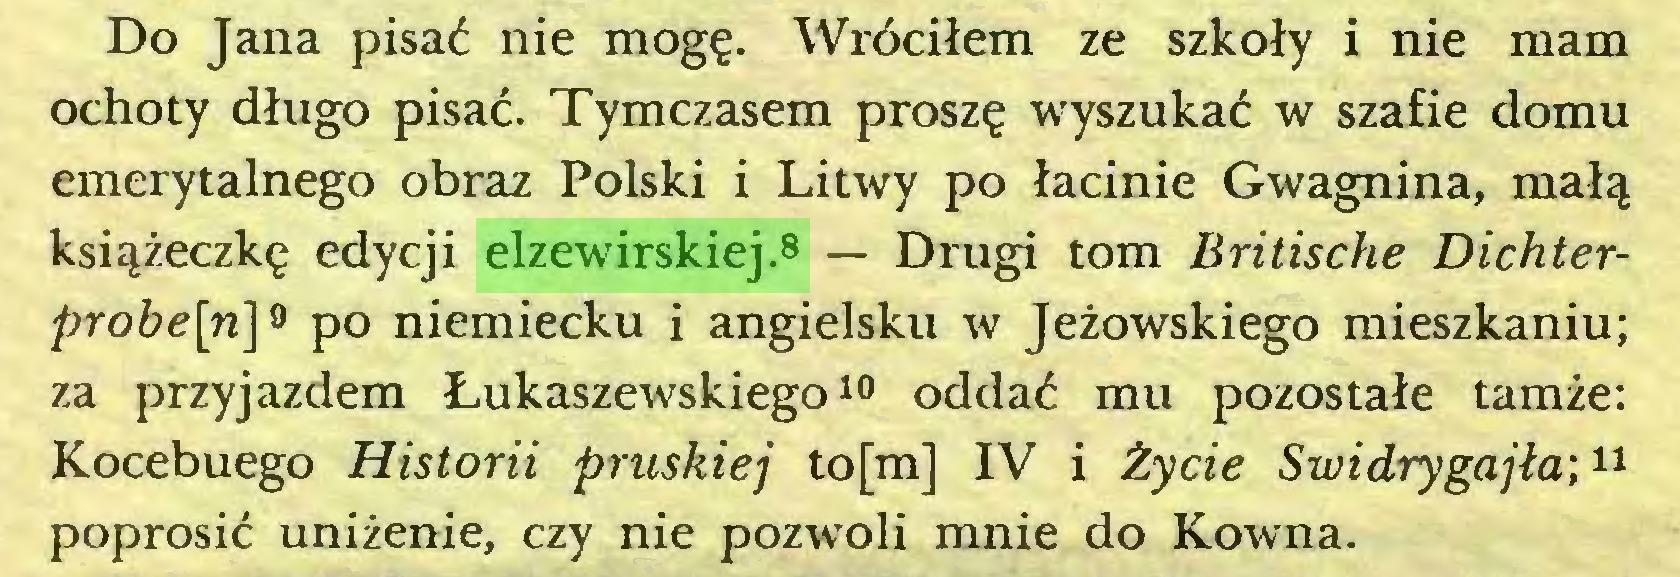 (...) Do Jana pisać nie mogę. Wróciłem ze szkoły i nie mam ochoty długo pisać. Tymczasem proszę wyszukać w szafie domu emerytalnego obraz Polski i Litwy po łacinie Gwagnina, małą książeczkę edycji elzewirskiej.8 — Drugi tom Britische Dichterprobe[n]* po niemiecku i angielsku w Jeżowskiego mieszkaniu; za przyjazdem Łukaszewskiego10 oddać mu pozostałe tamże: Kocebuego Historii pruskiej to[m] IV i Życie Swidrygajła;1  11 poprosić uniżenie, czy nie pozwoli mnie do Kowna...